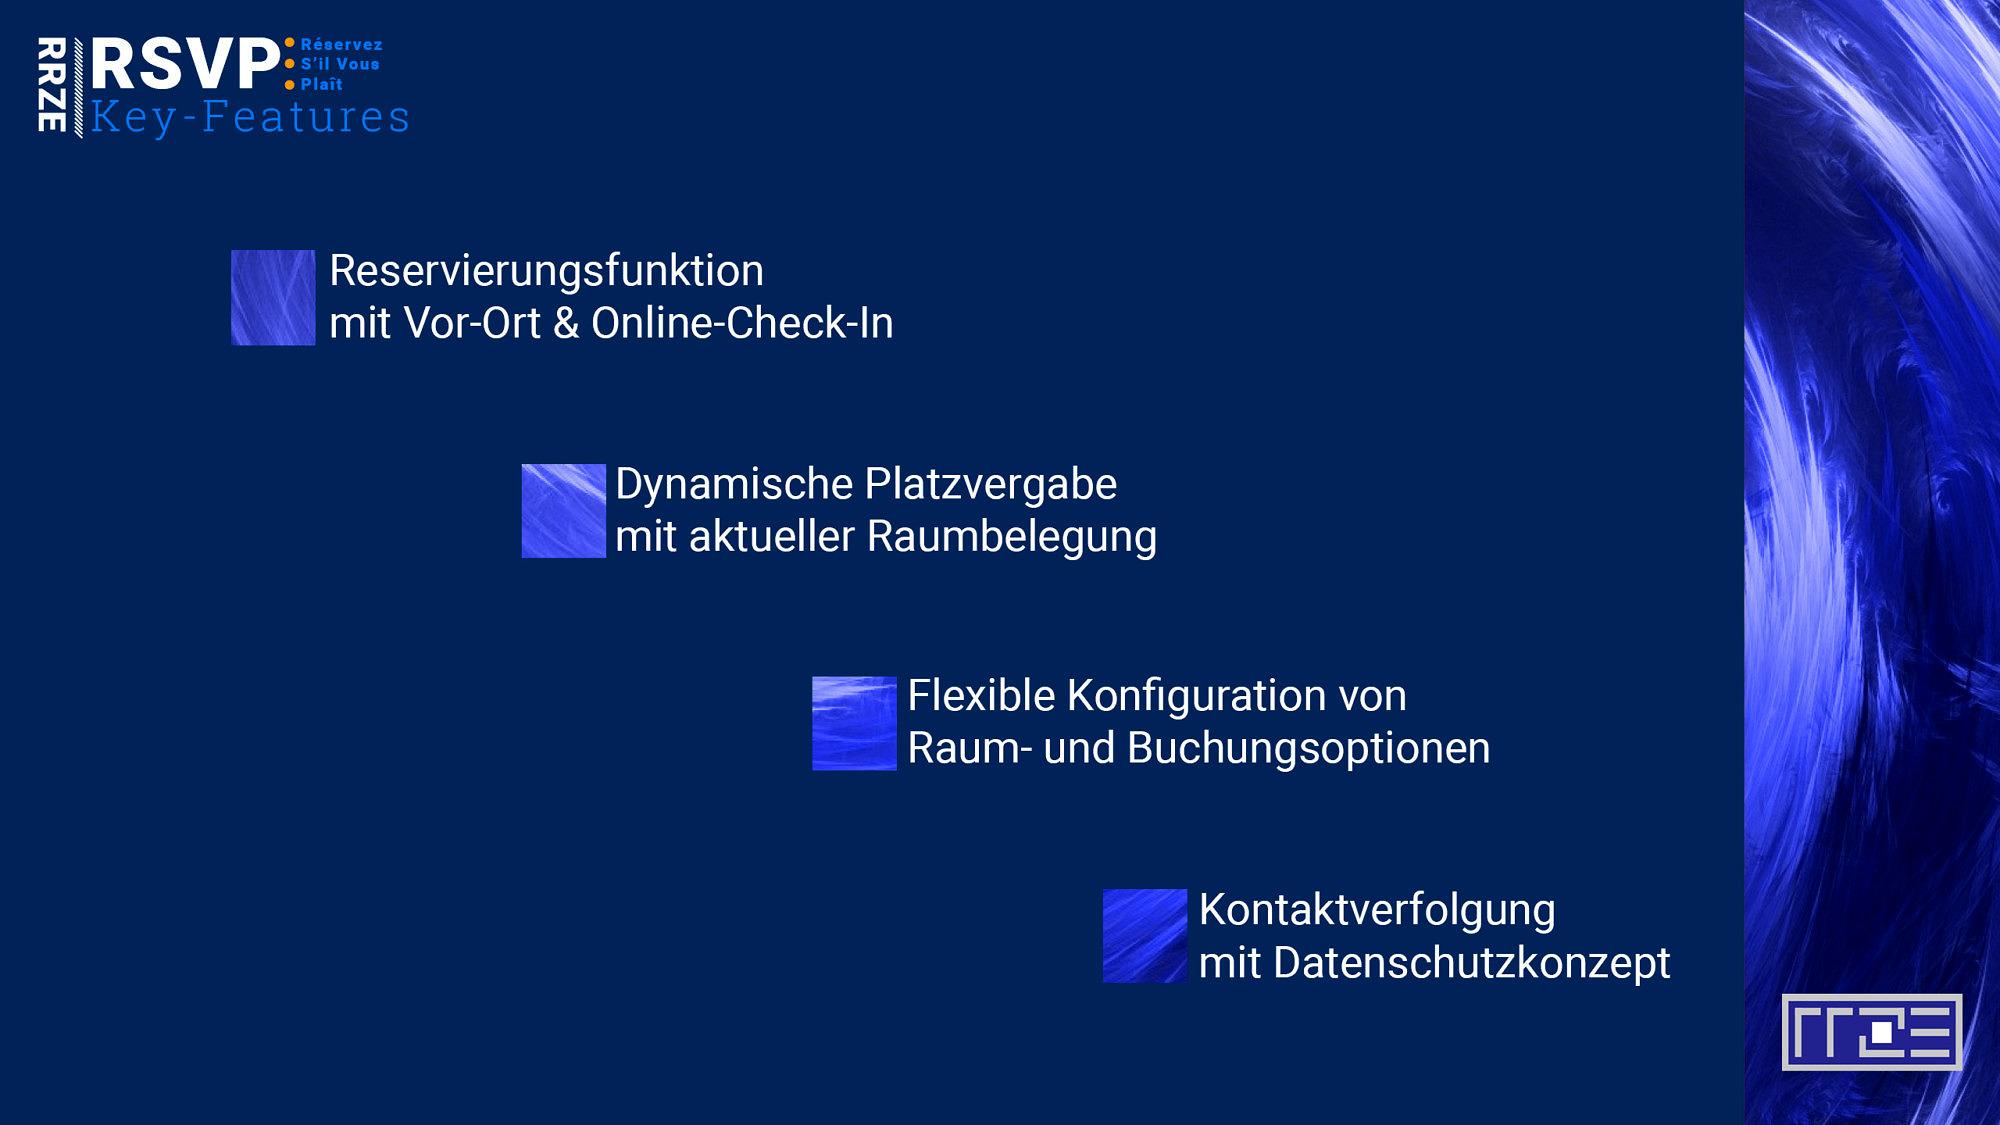 RSVP Funktionsübersicht